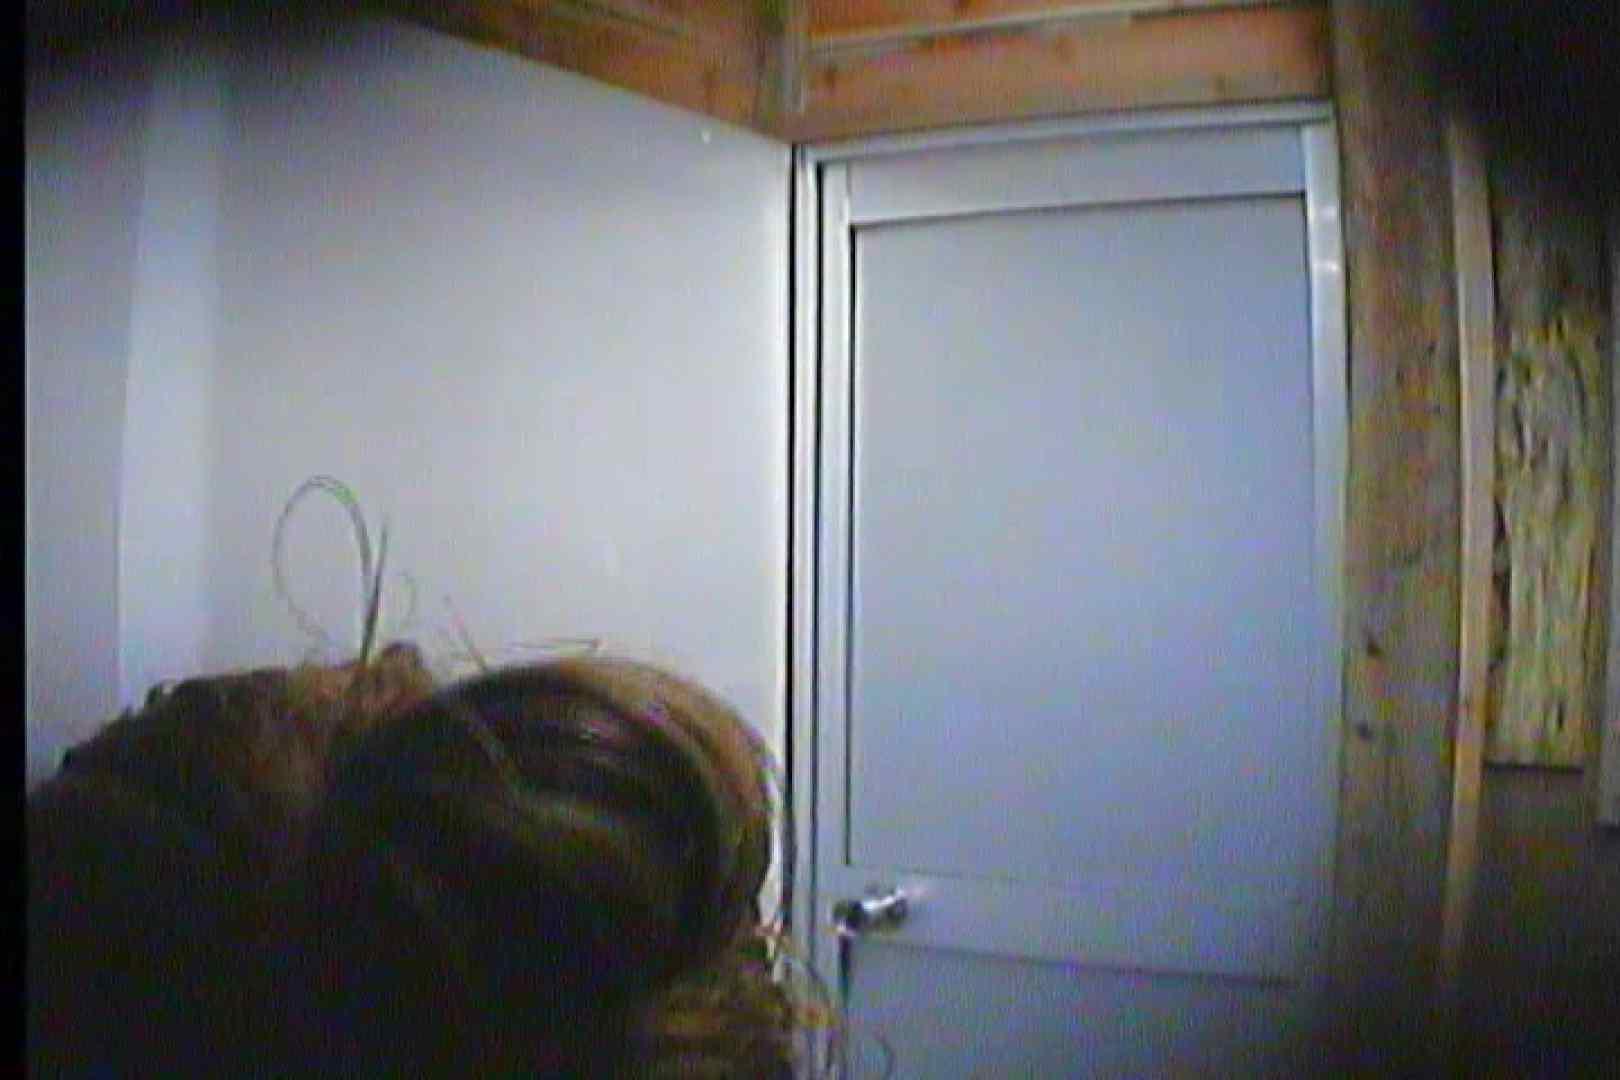 海の家の更衣室 Vol.20 美肌 ワレメ無修正動画無料 100画像 35